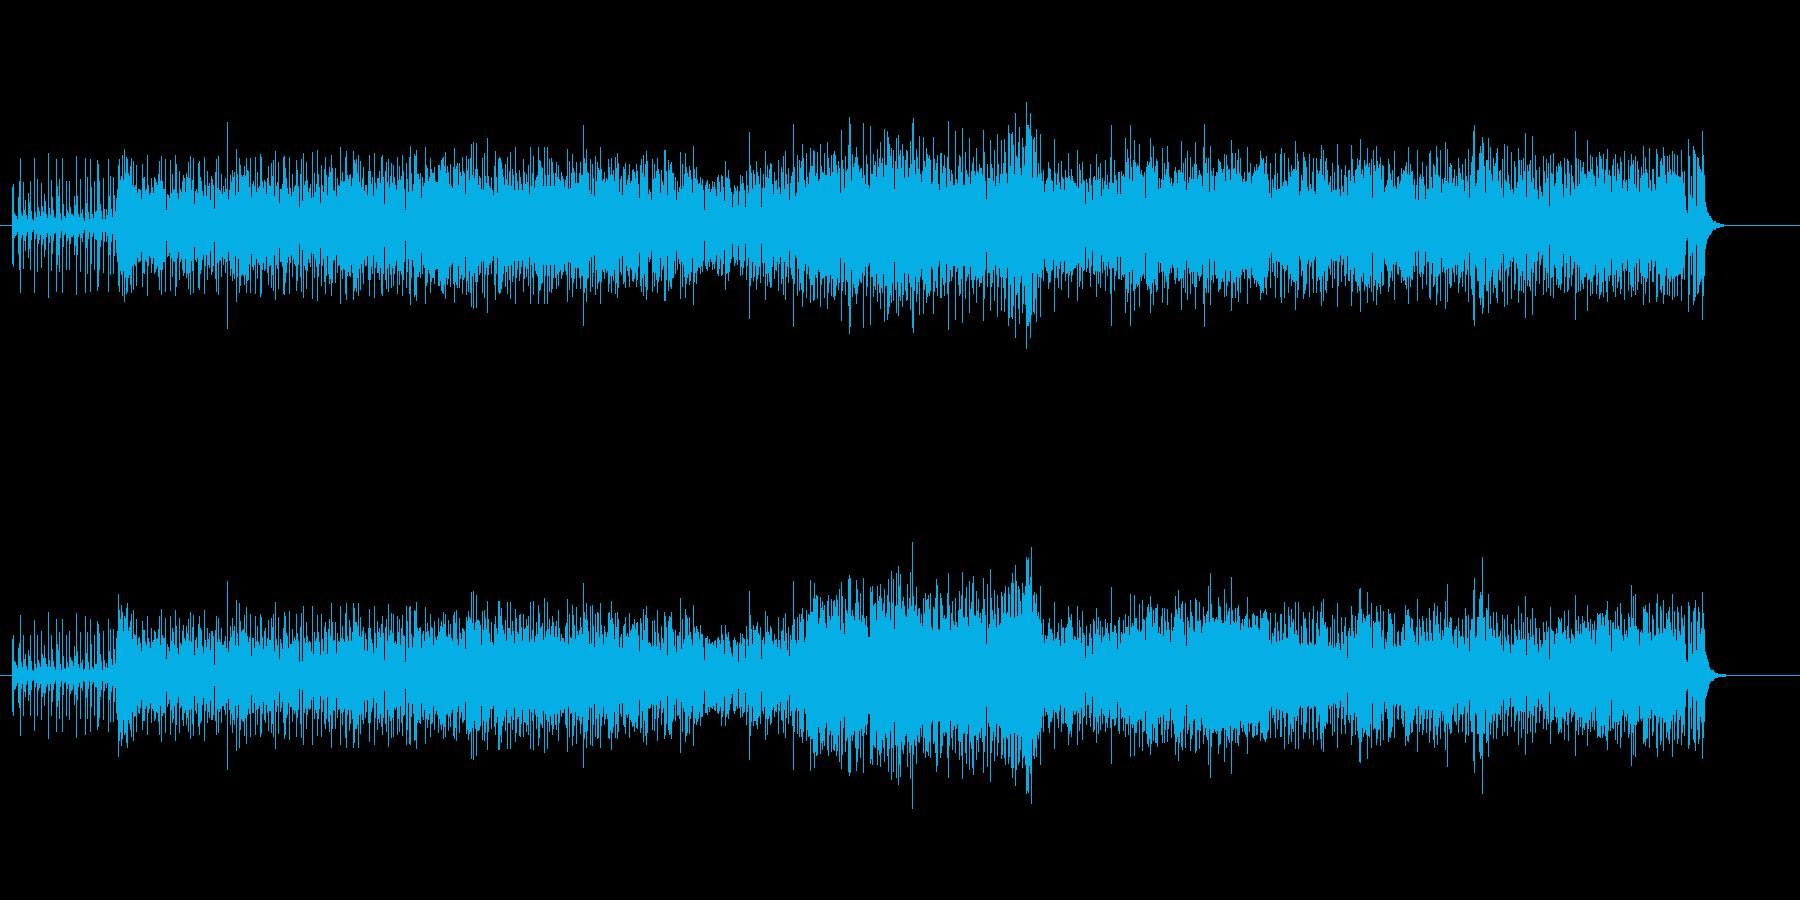 現代版60年代風ビート系ロックの再生済みの波形